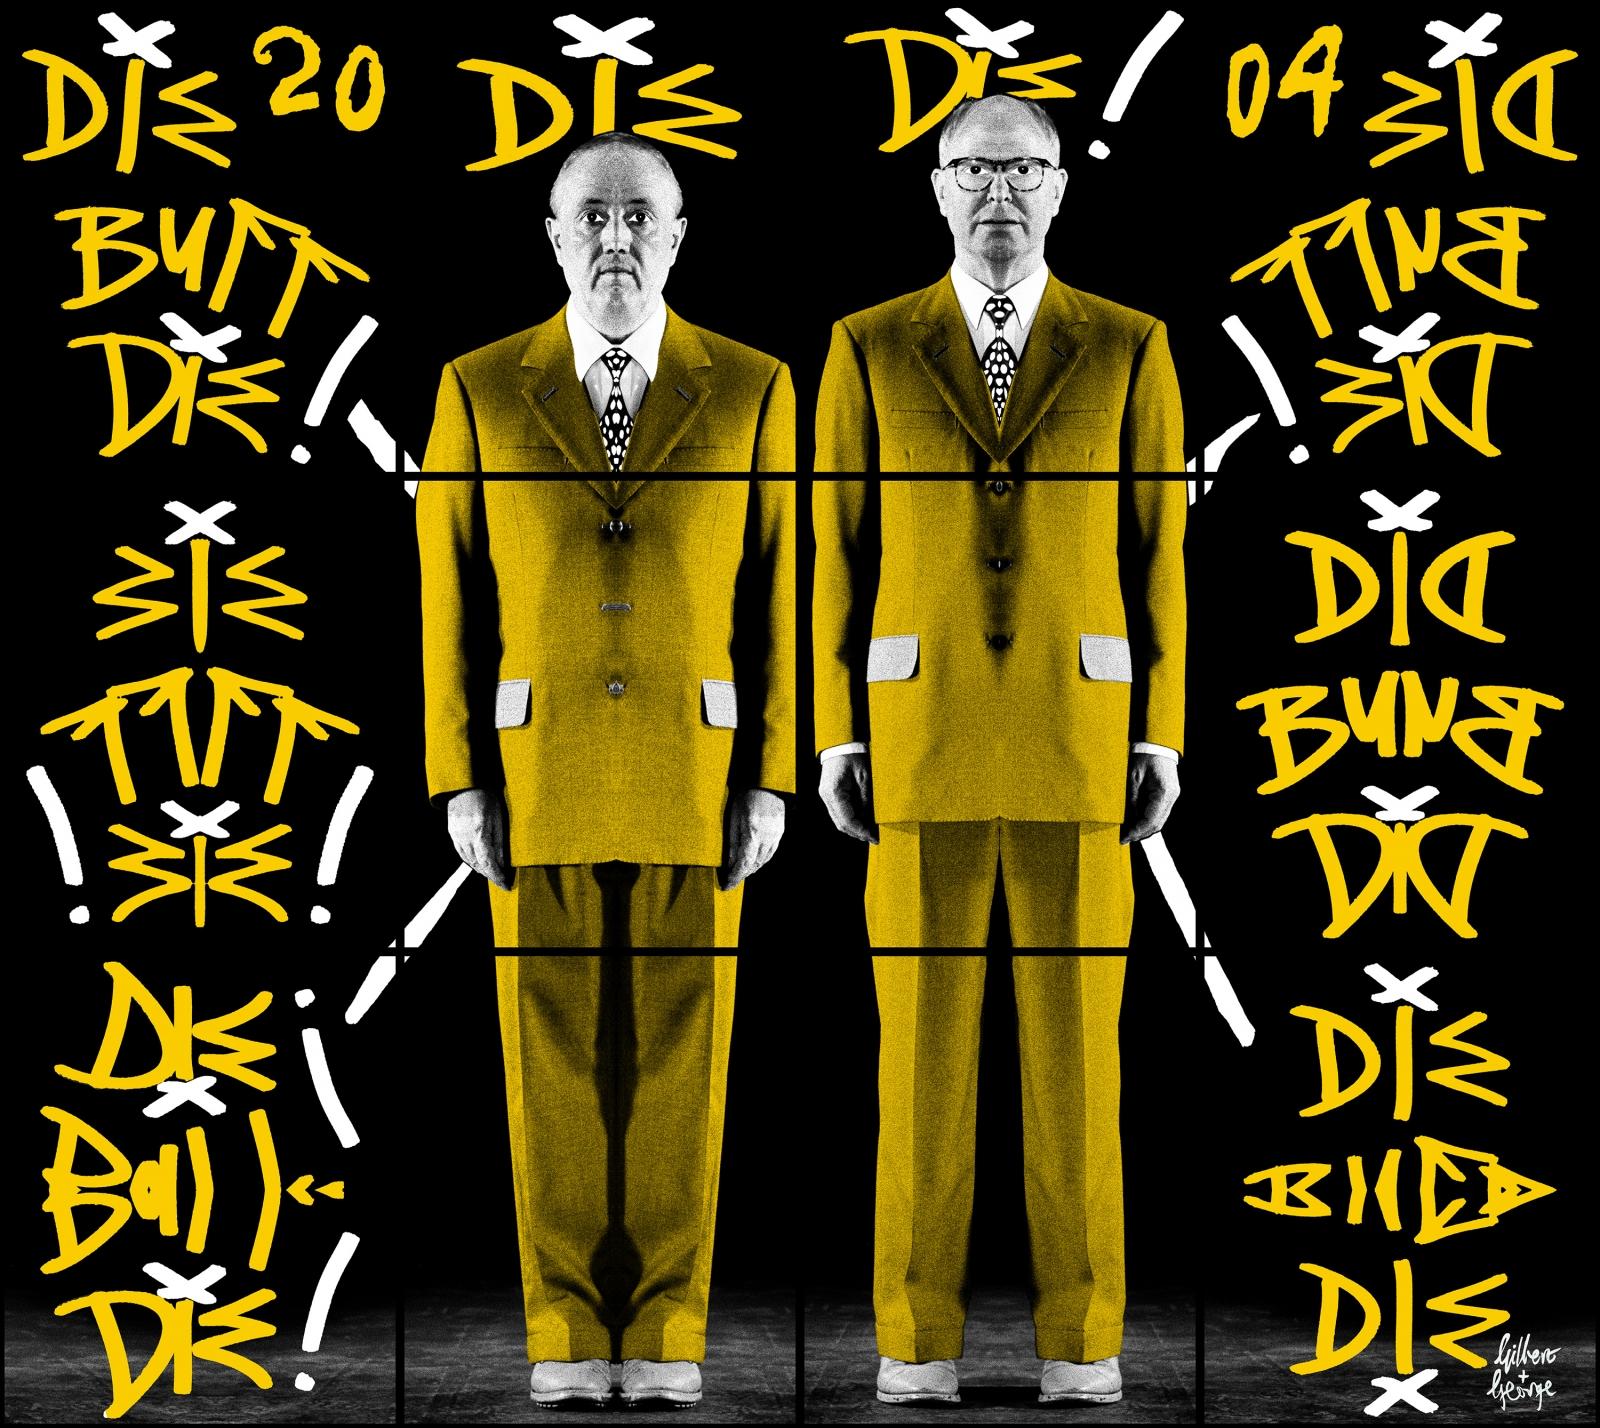 GILBERT & GEORGE, Die Buff Die!, 2004